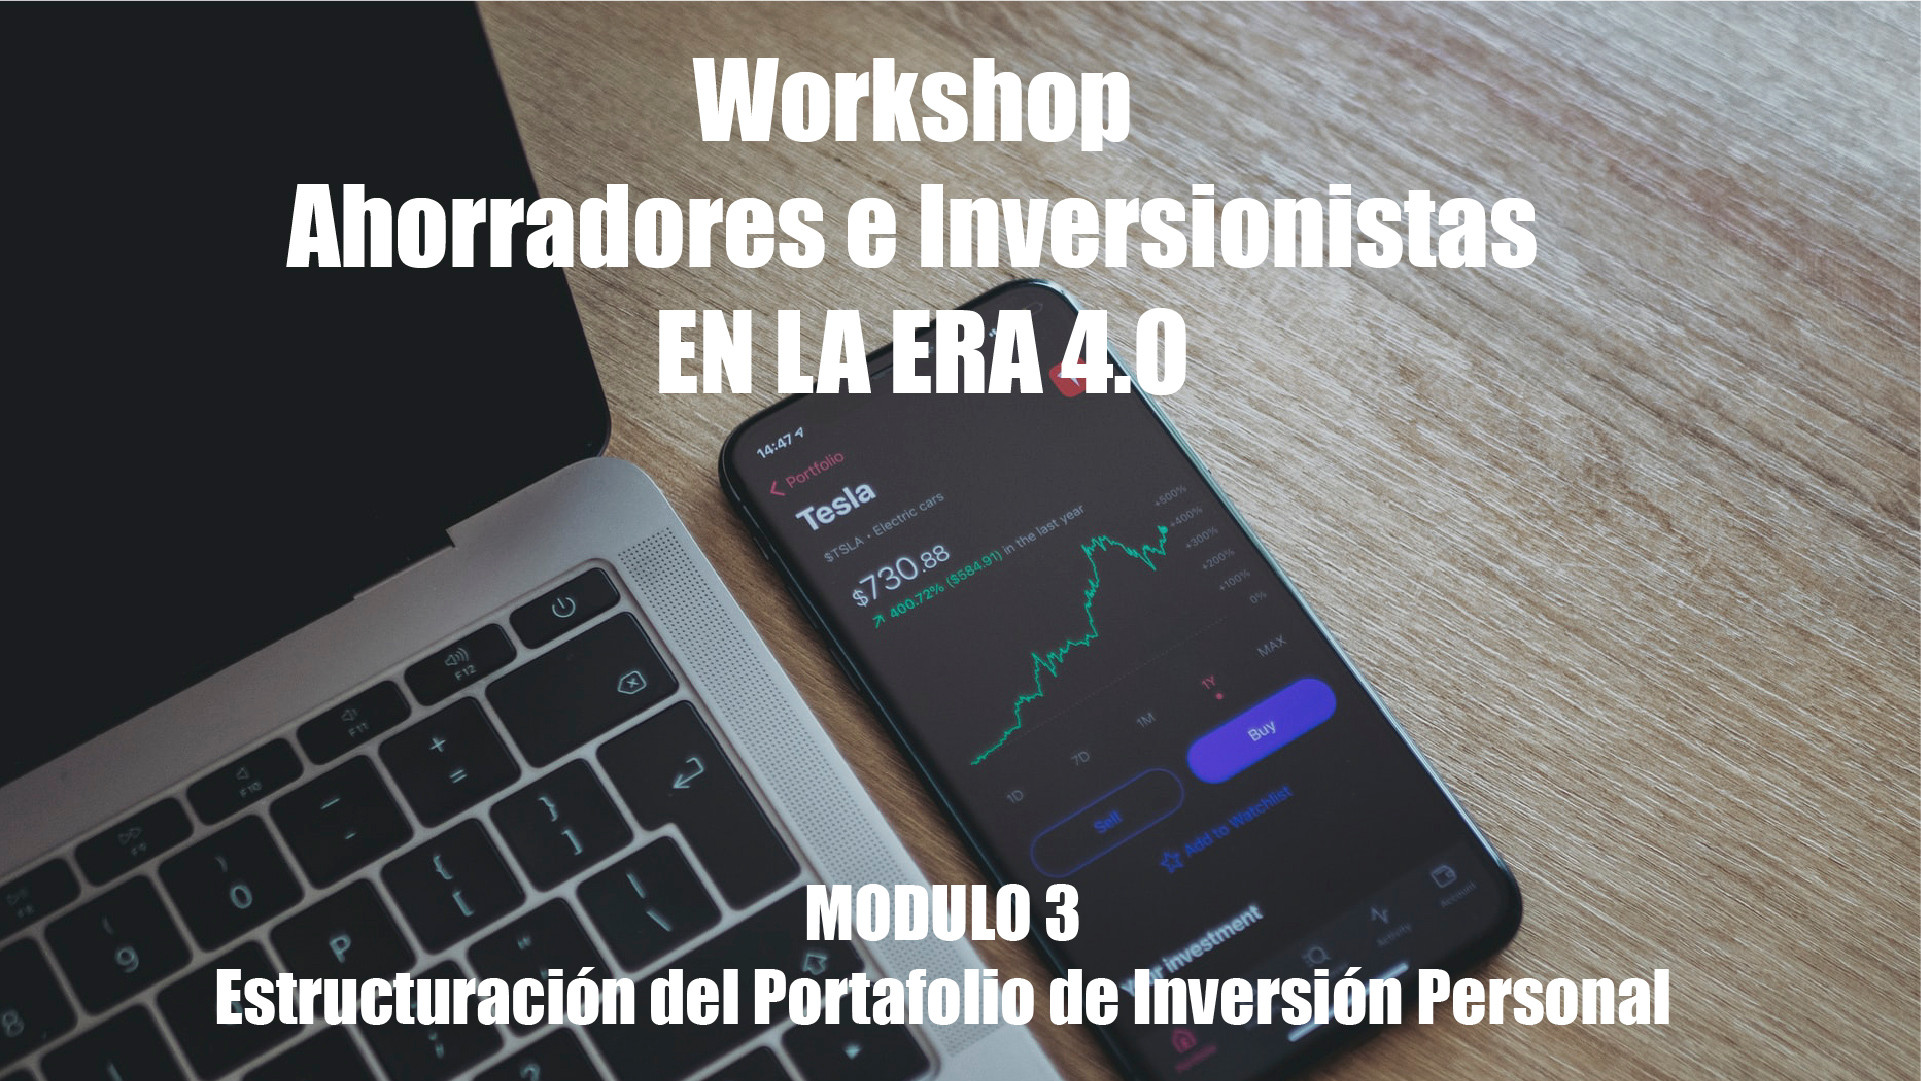 Workshop Ahorradores Inversionistas M3